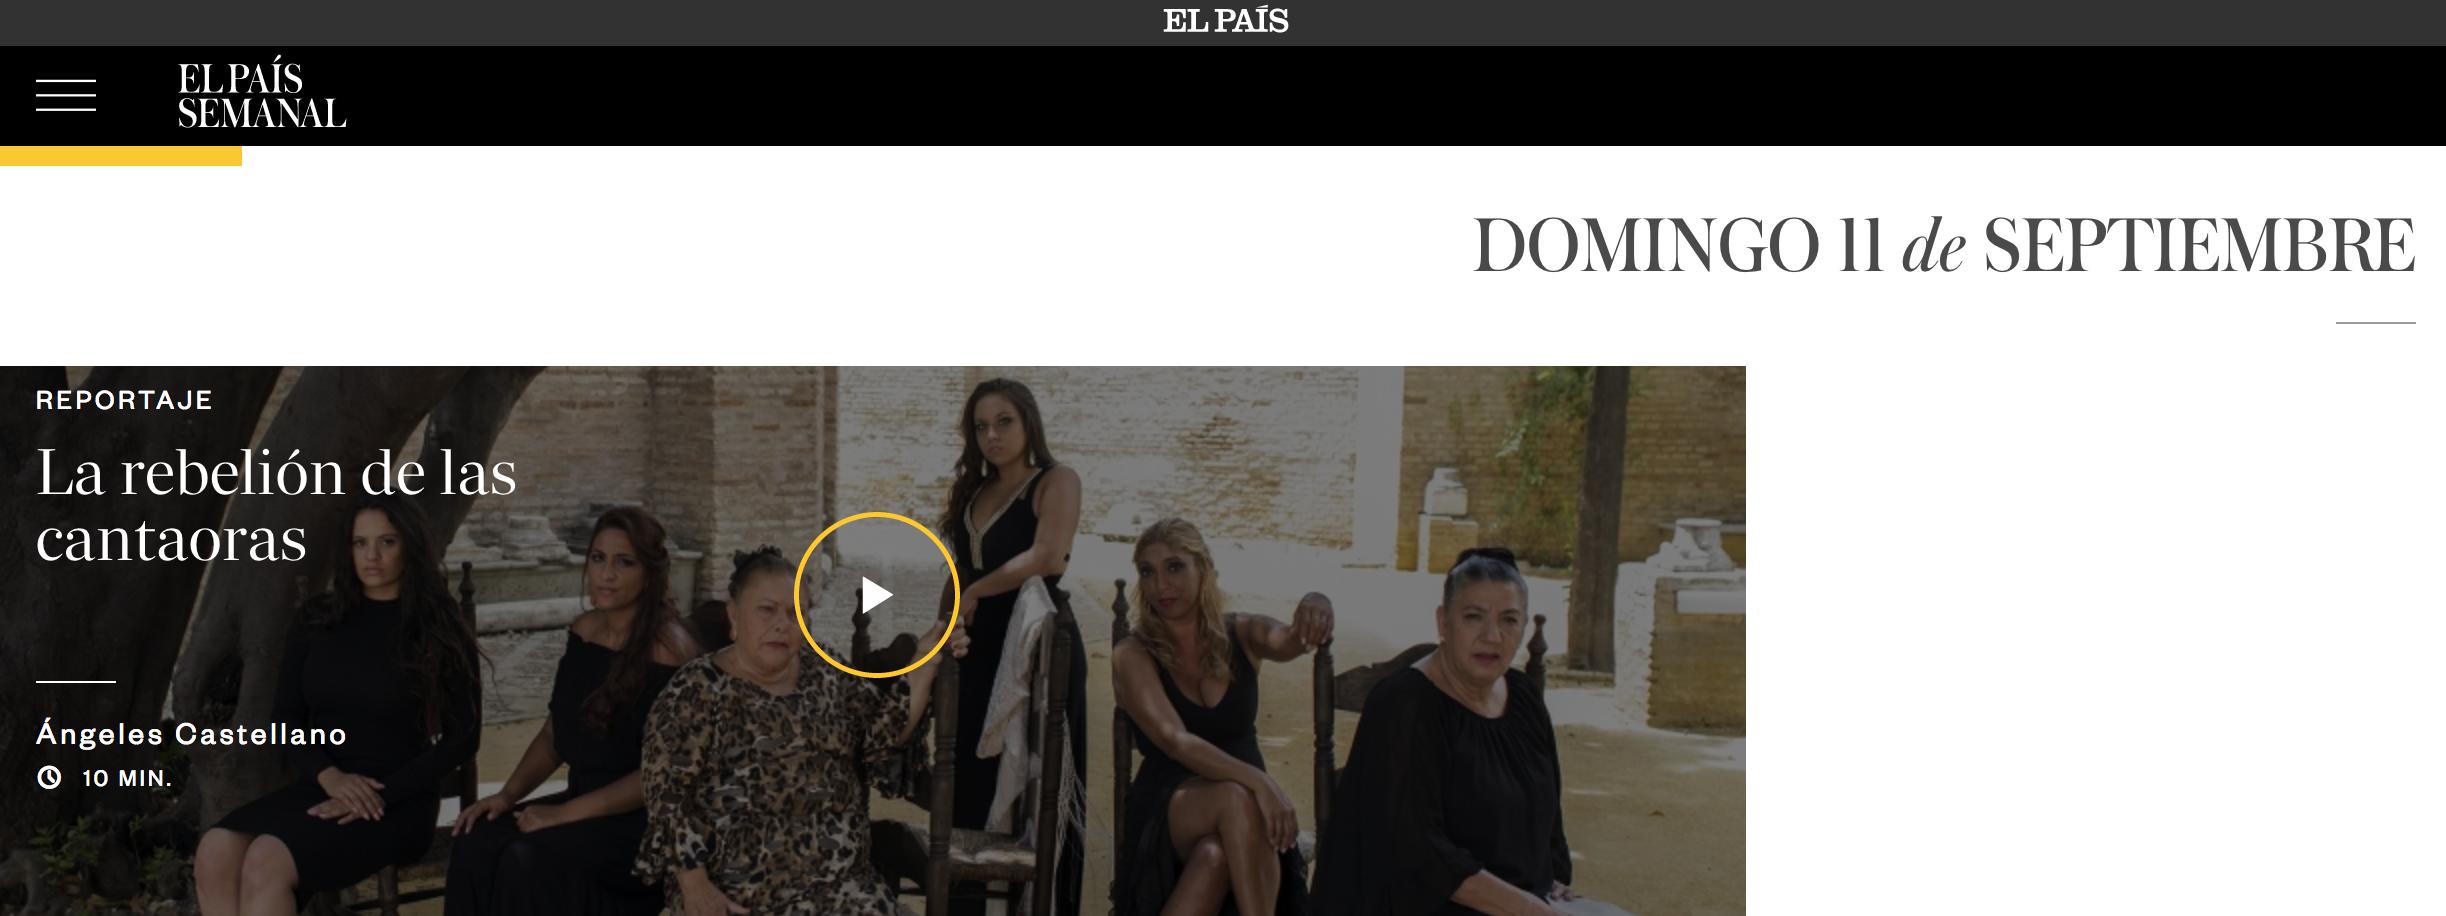 Screenshot von El Pais semanal_la rebelion de las cantaores